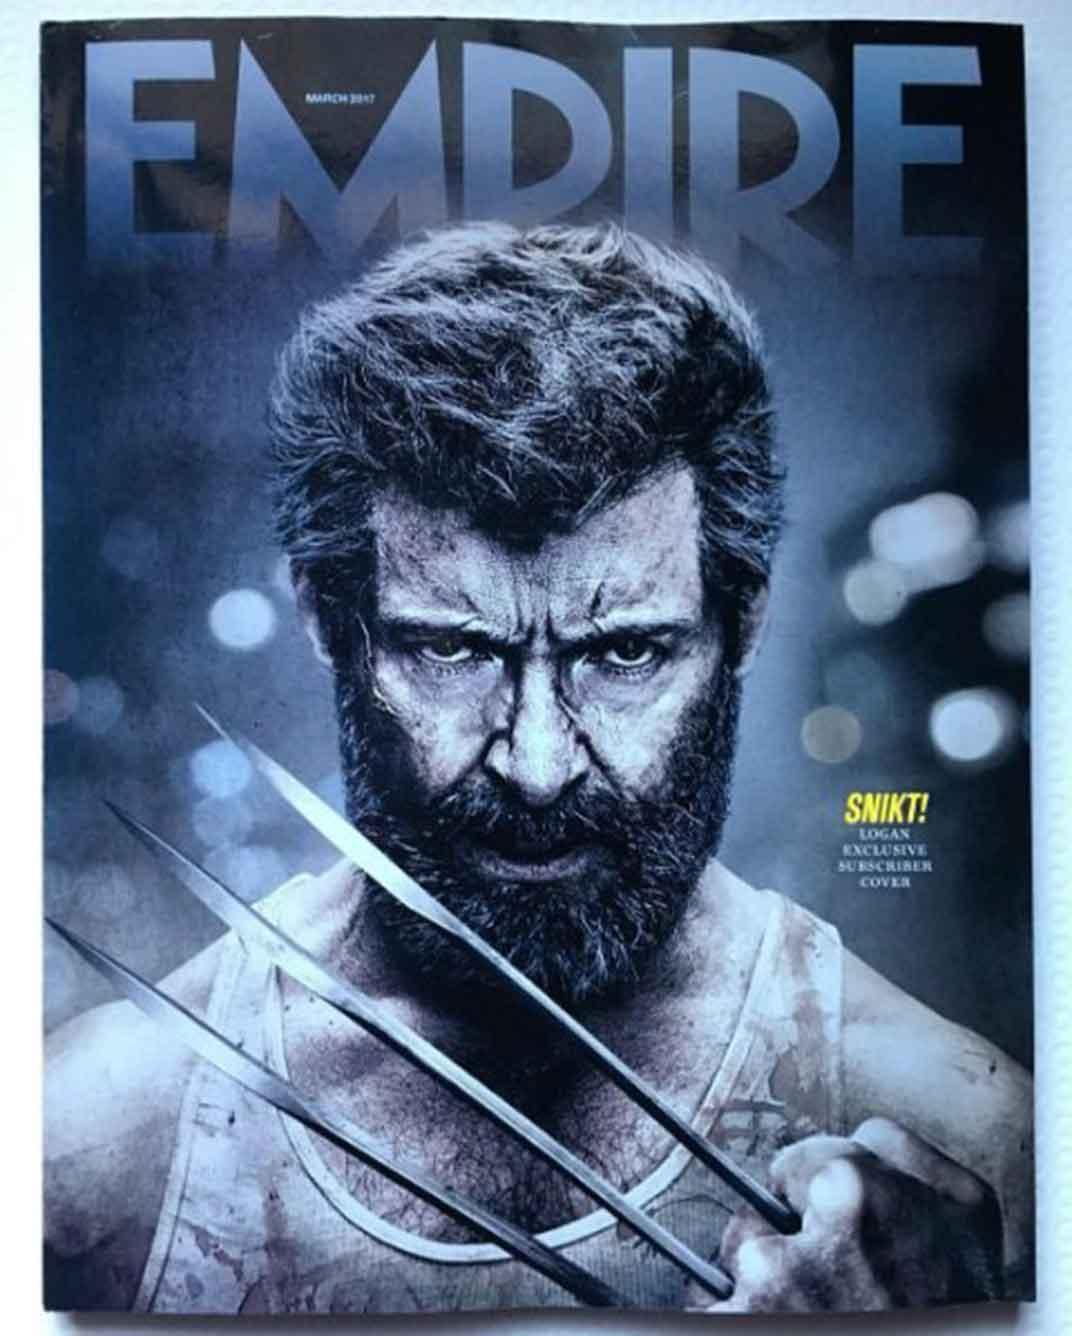 portada de Empire de 'Logan' protagonizada por Hugh Jackman como Lobezno